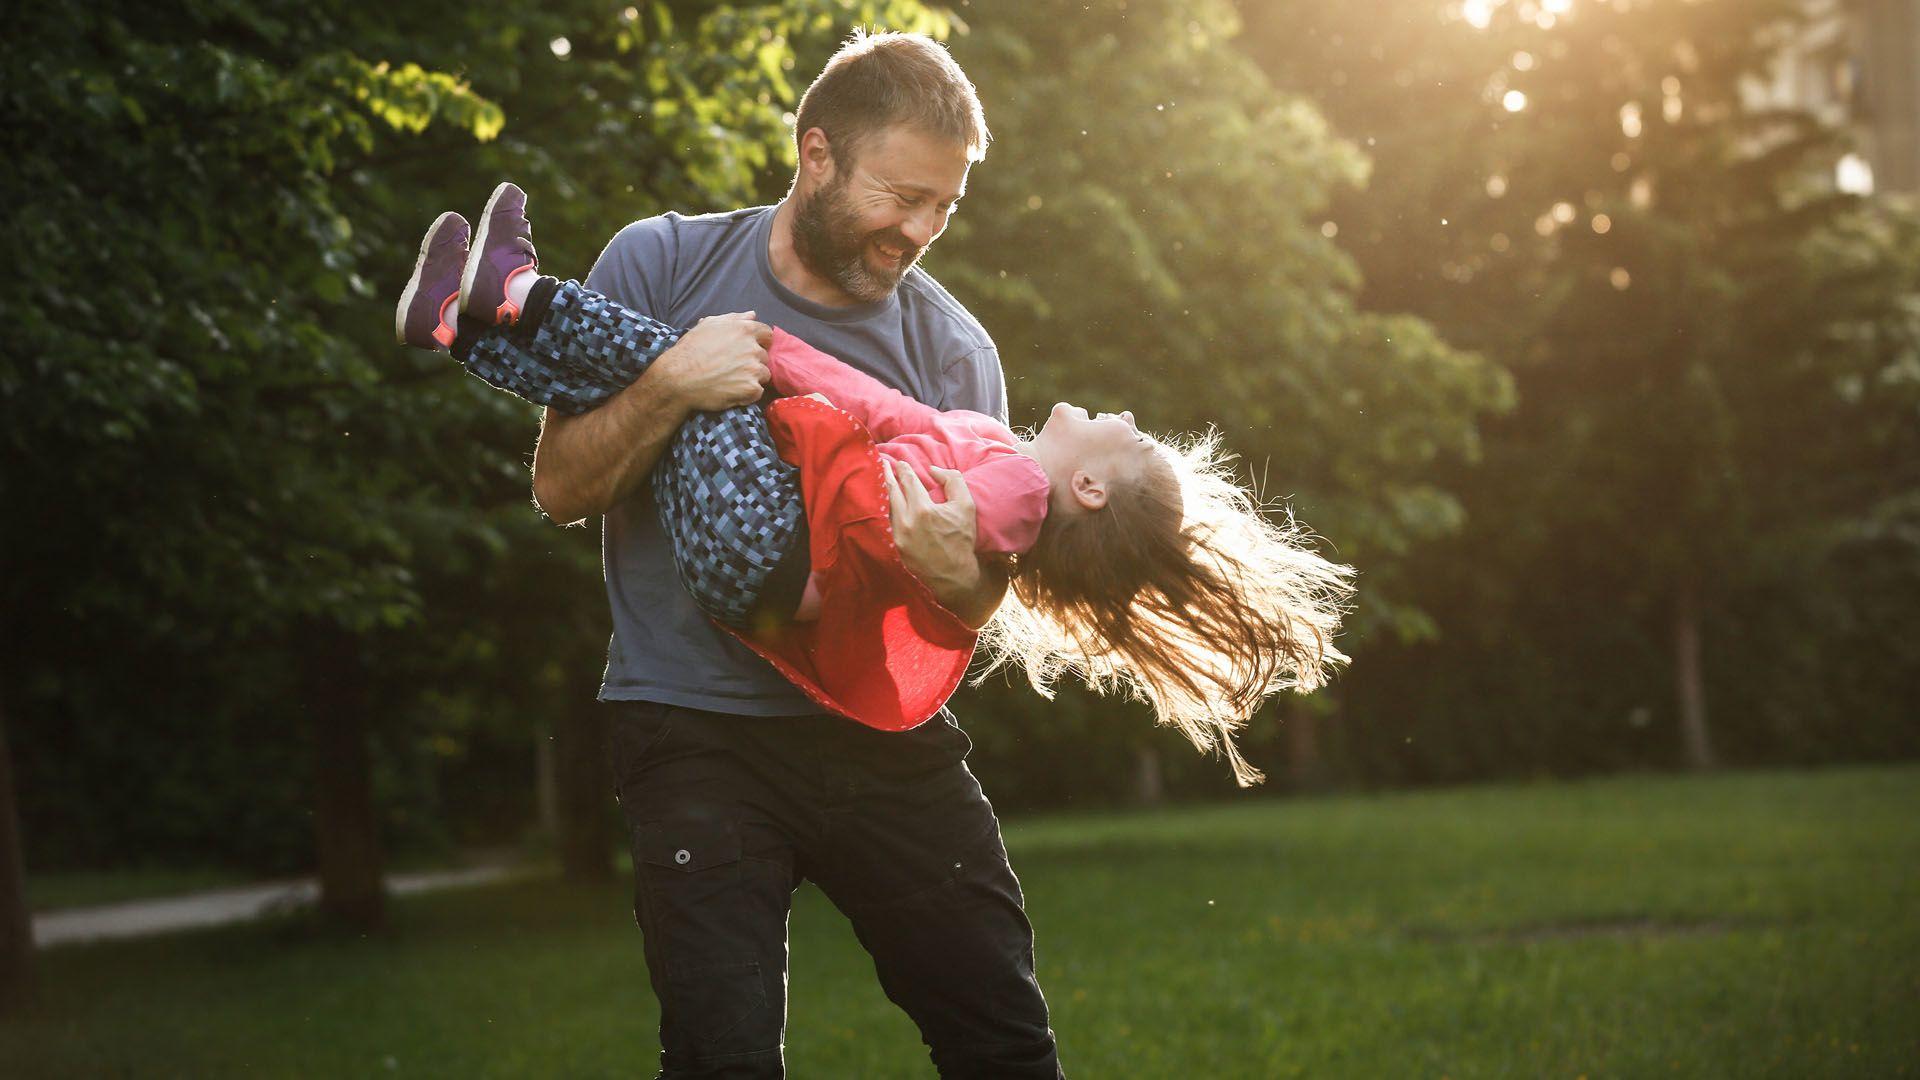 hogyan kell kezelni az összeomlást egy másik lánydal